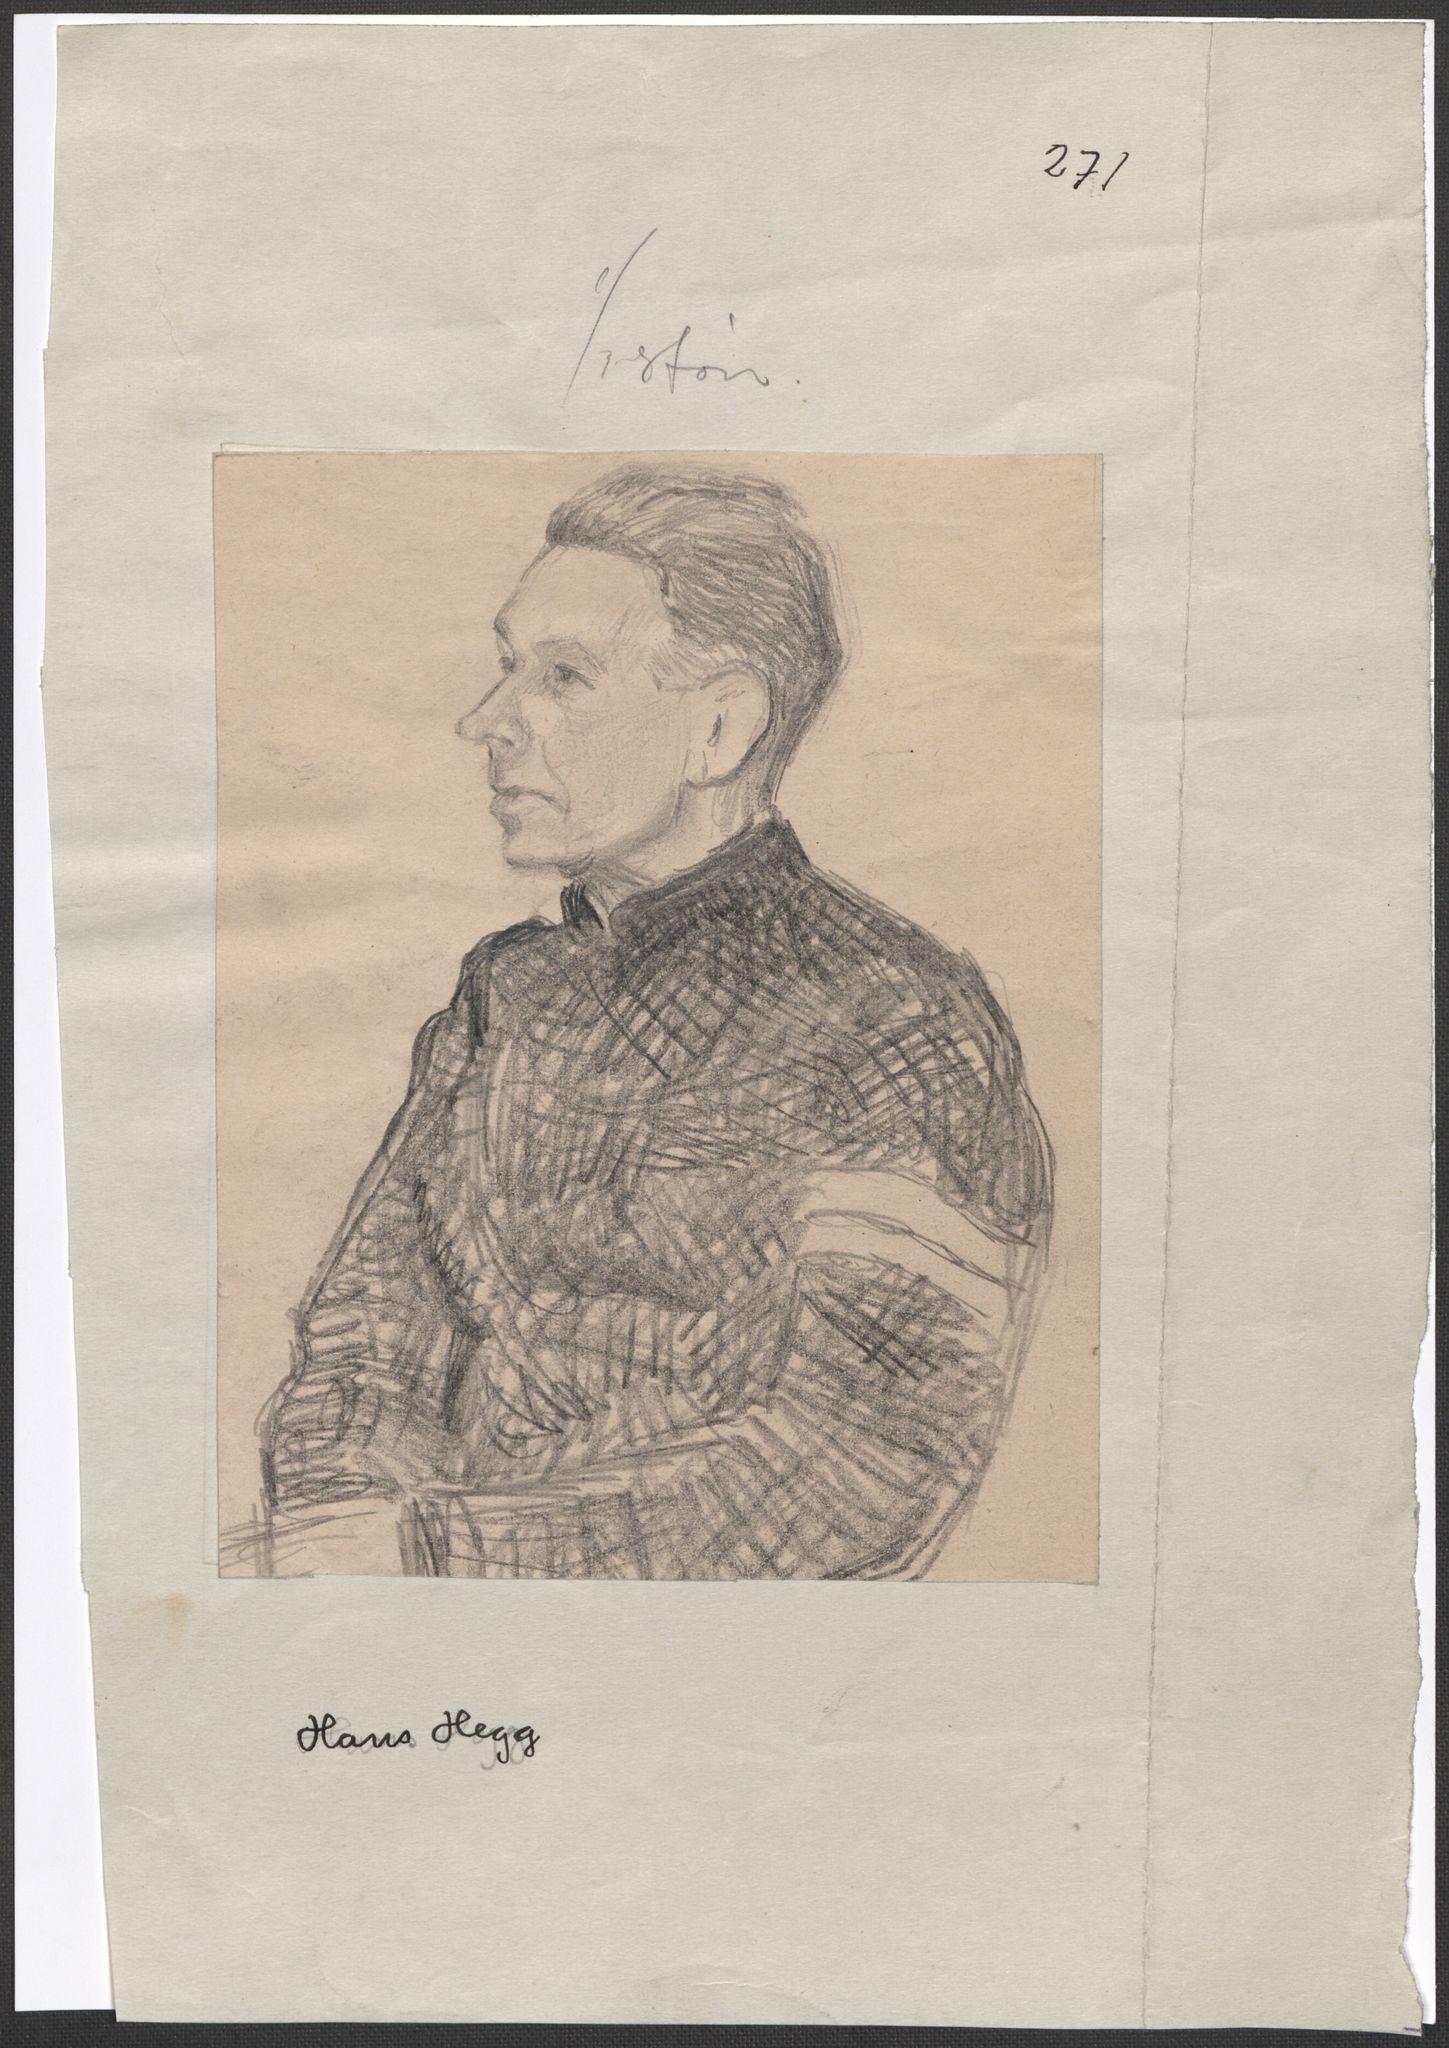 RA, Grøgaard, Joachim, F/L0002: Tegninger og tekster, 1942-1945, s. 44